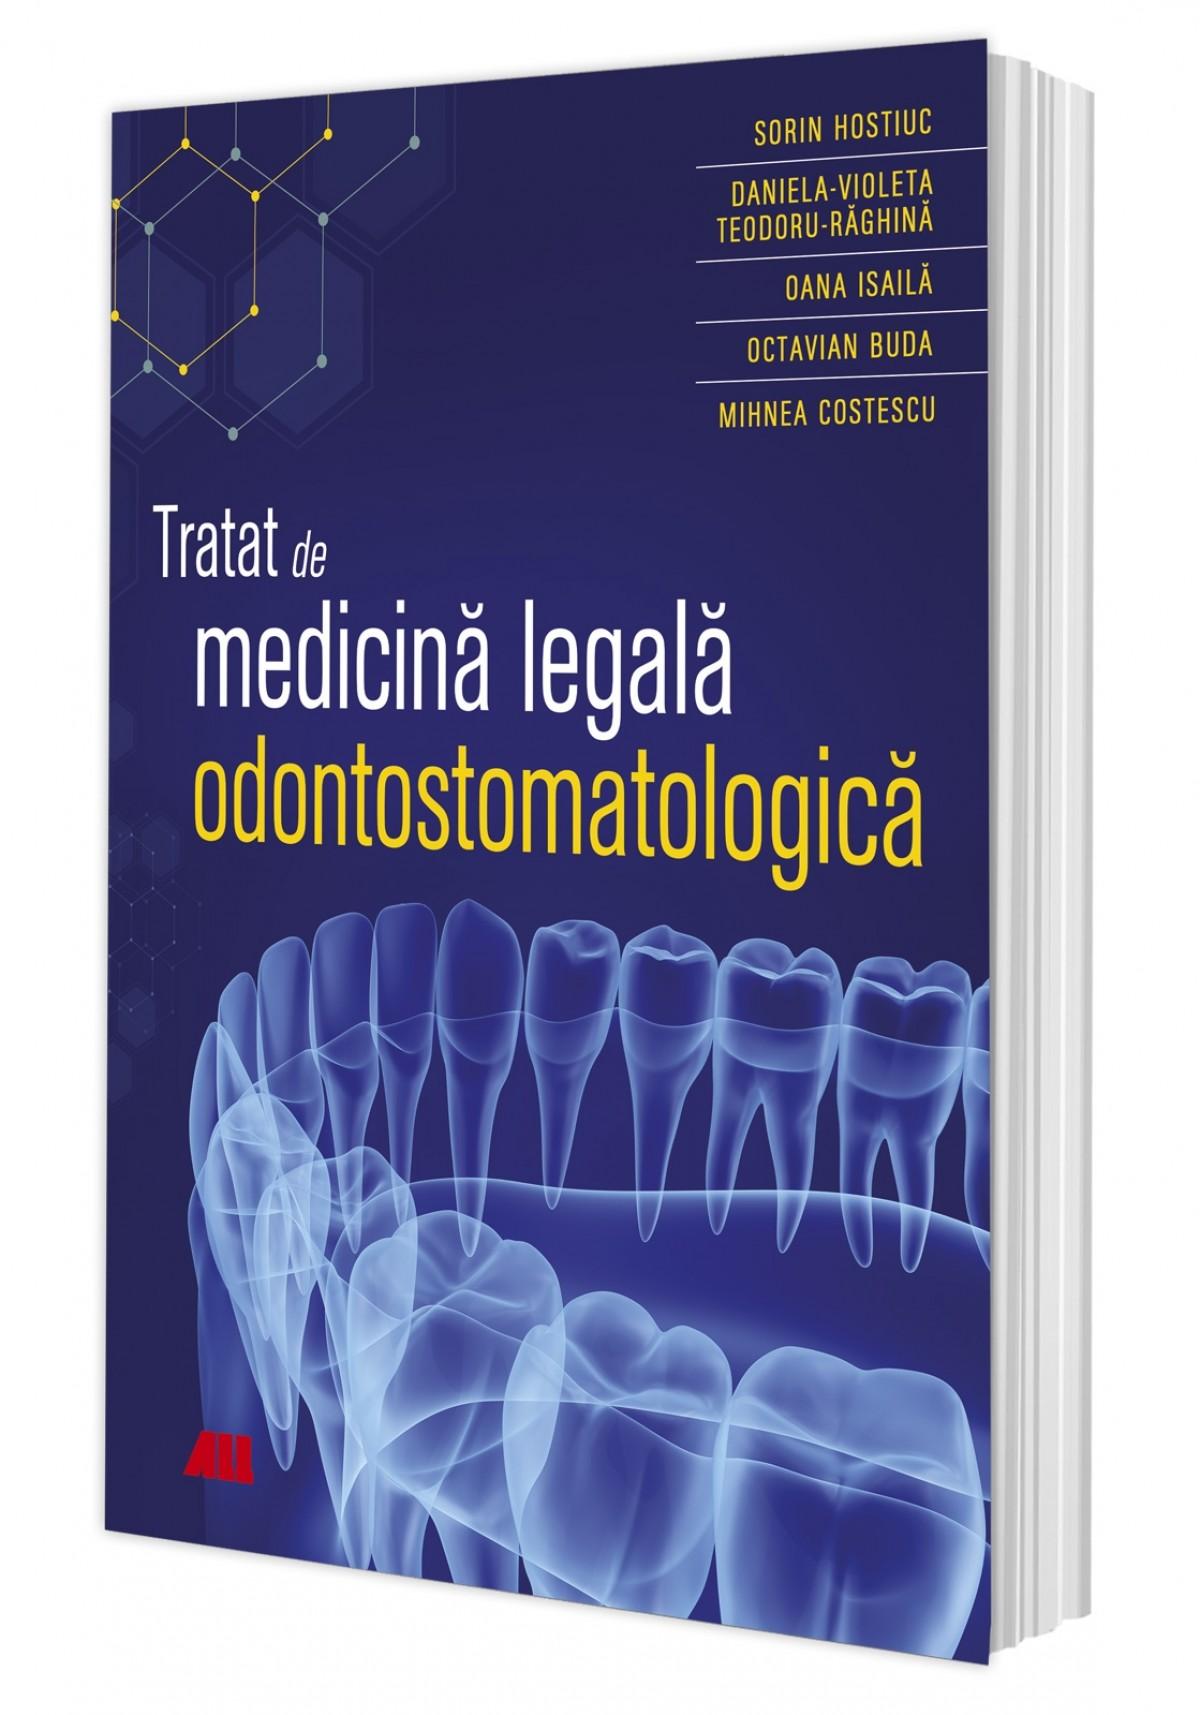 Tratat de medicină legală odontostomatologică